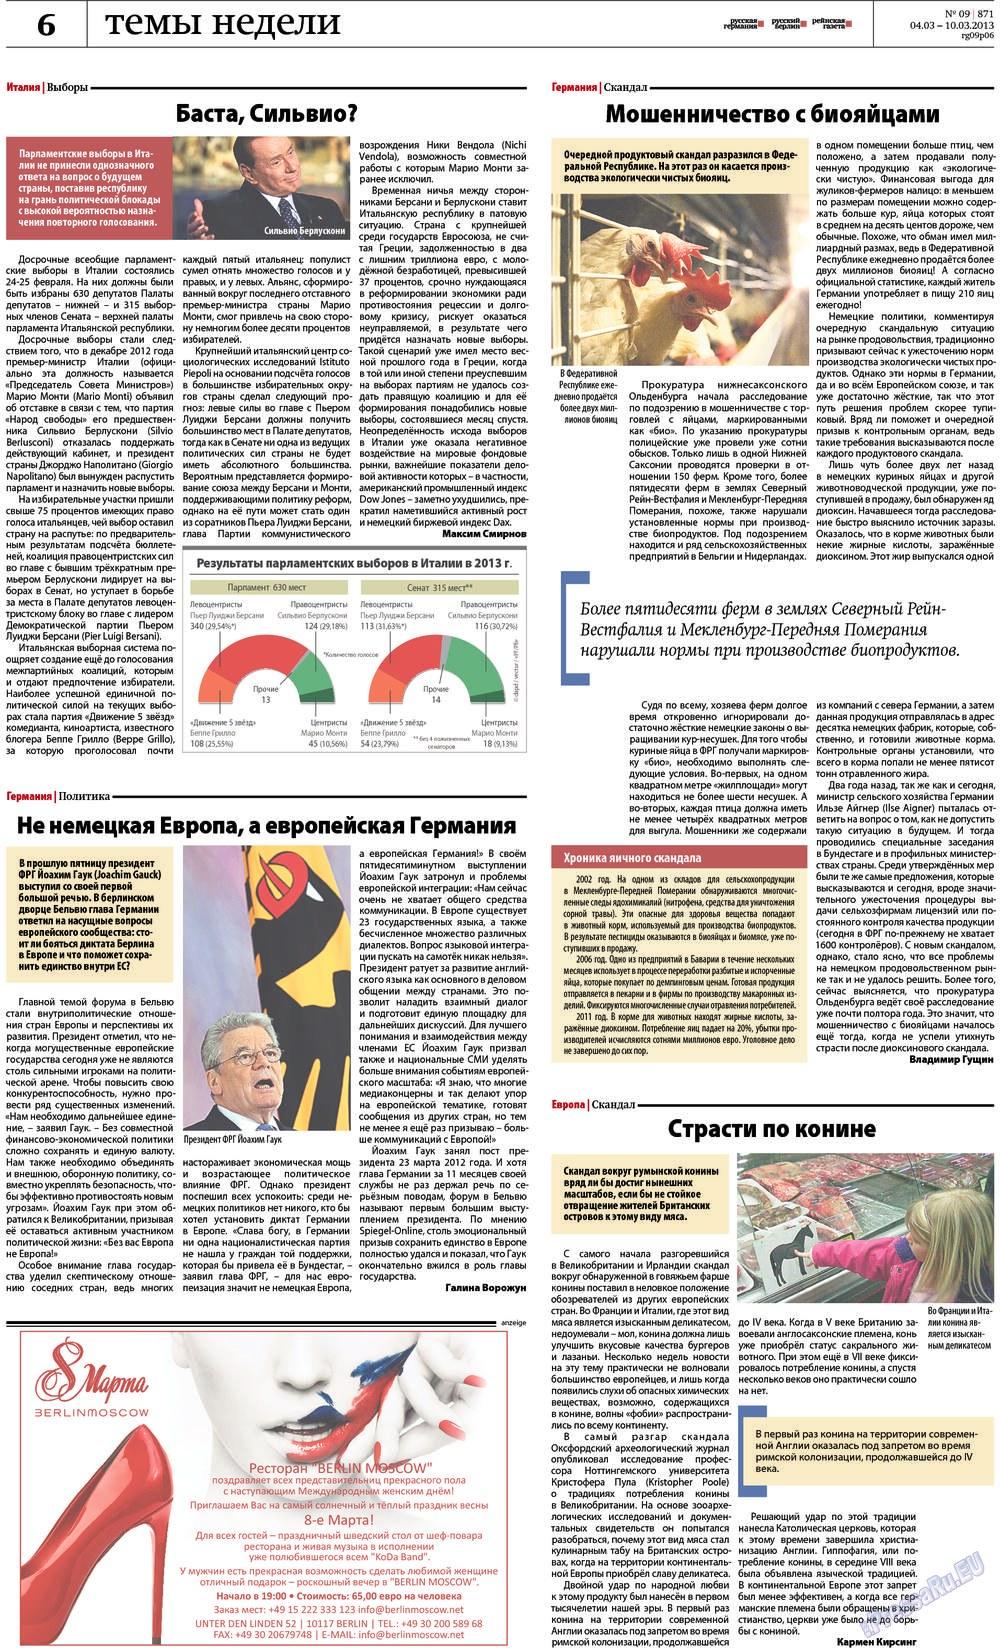 Рейнская газета (газета). 2013 год, номер 9, стр. 6